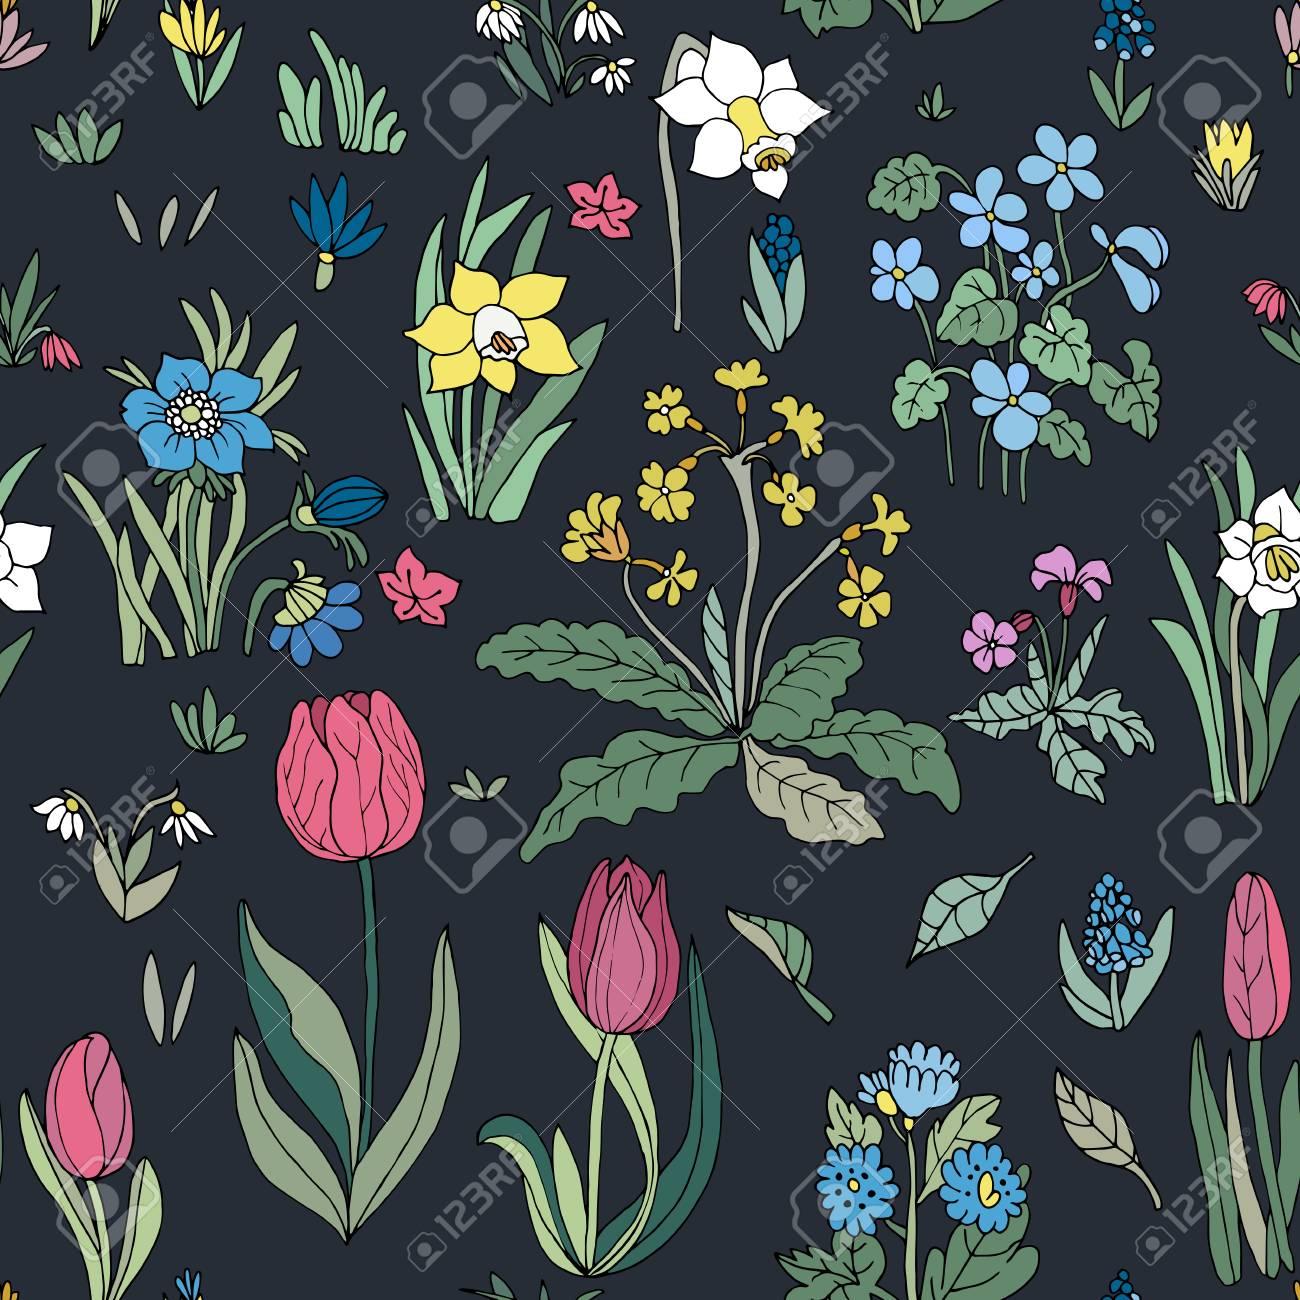 Floral Black Background Design